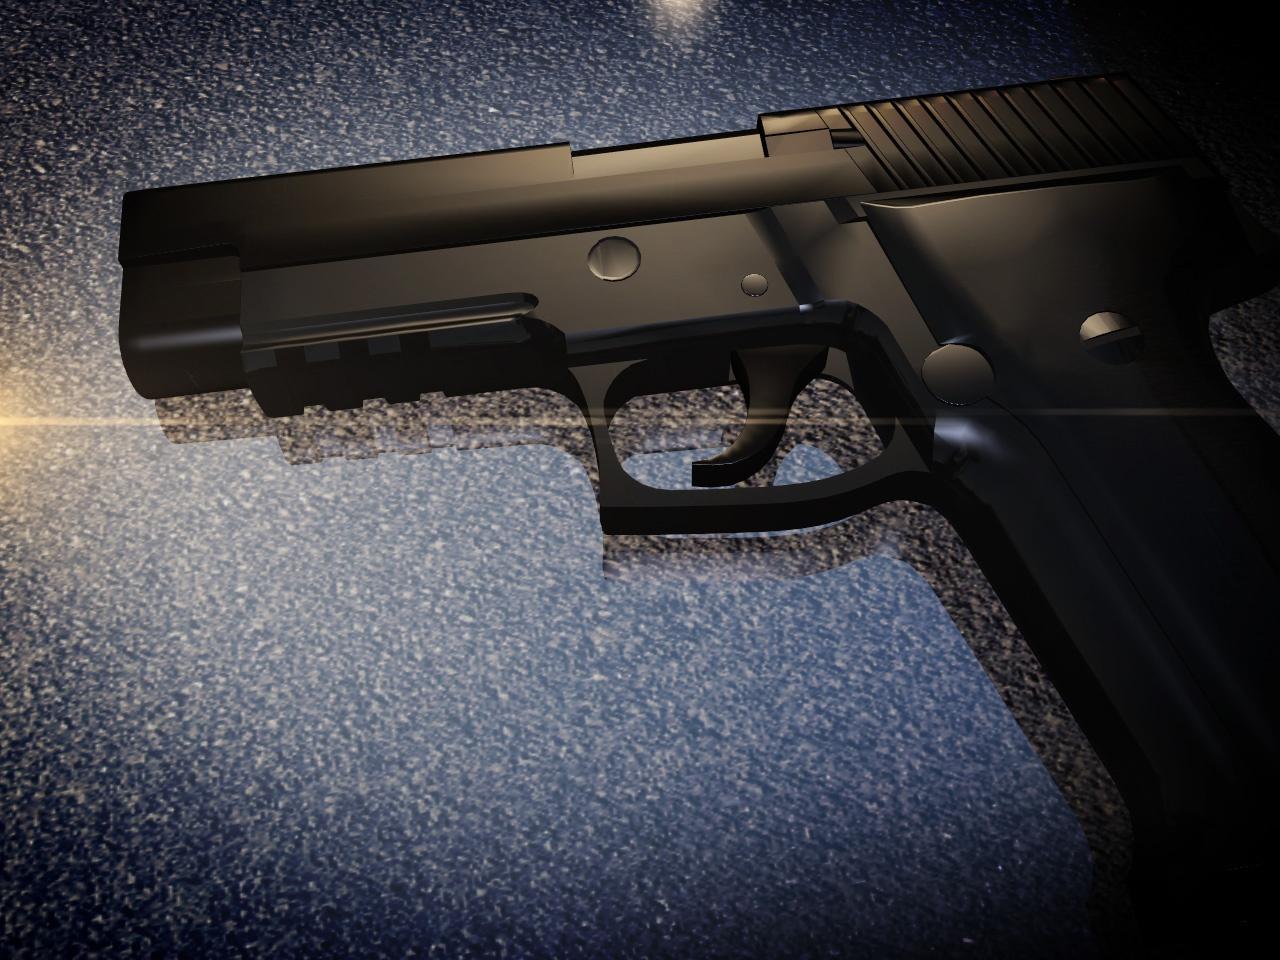 Shooting gun_1546979383726.jpg.jpg